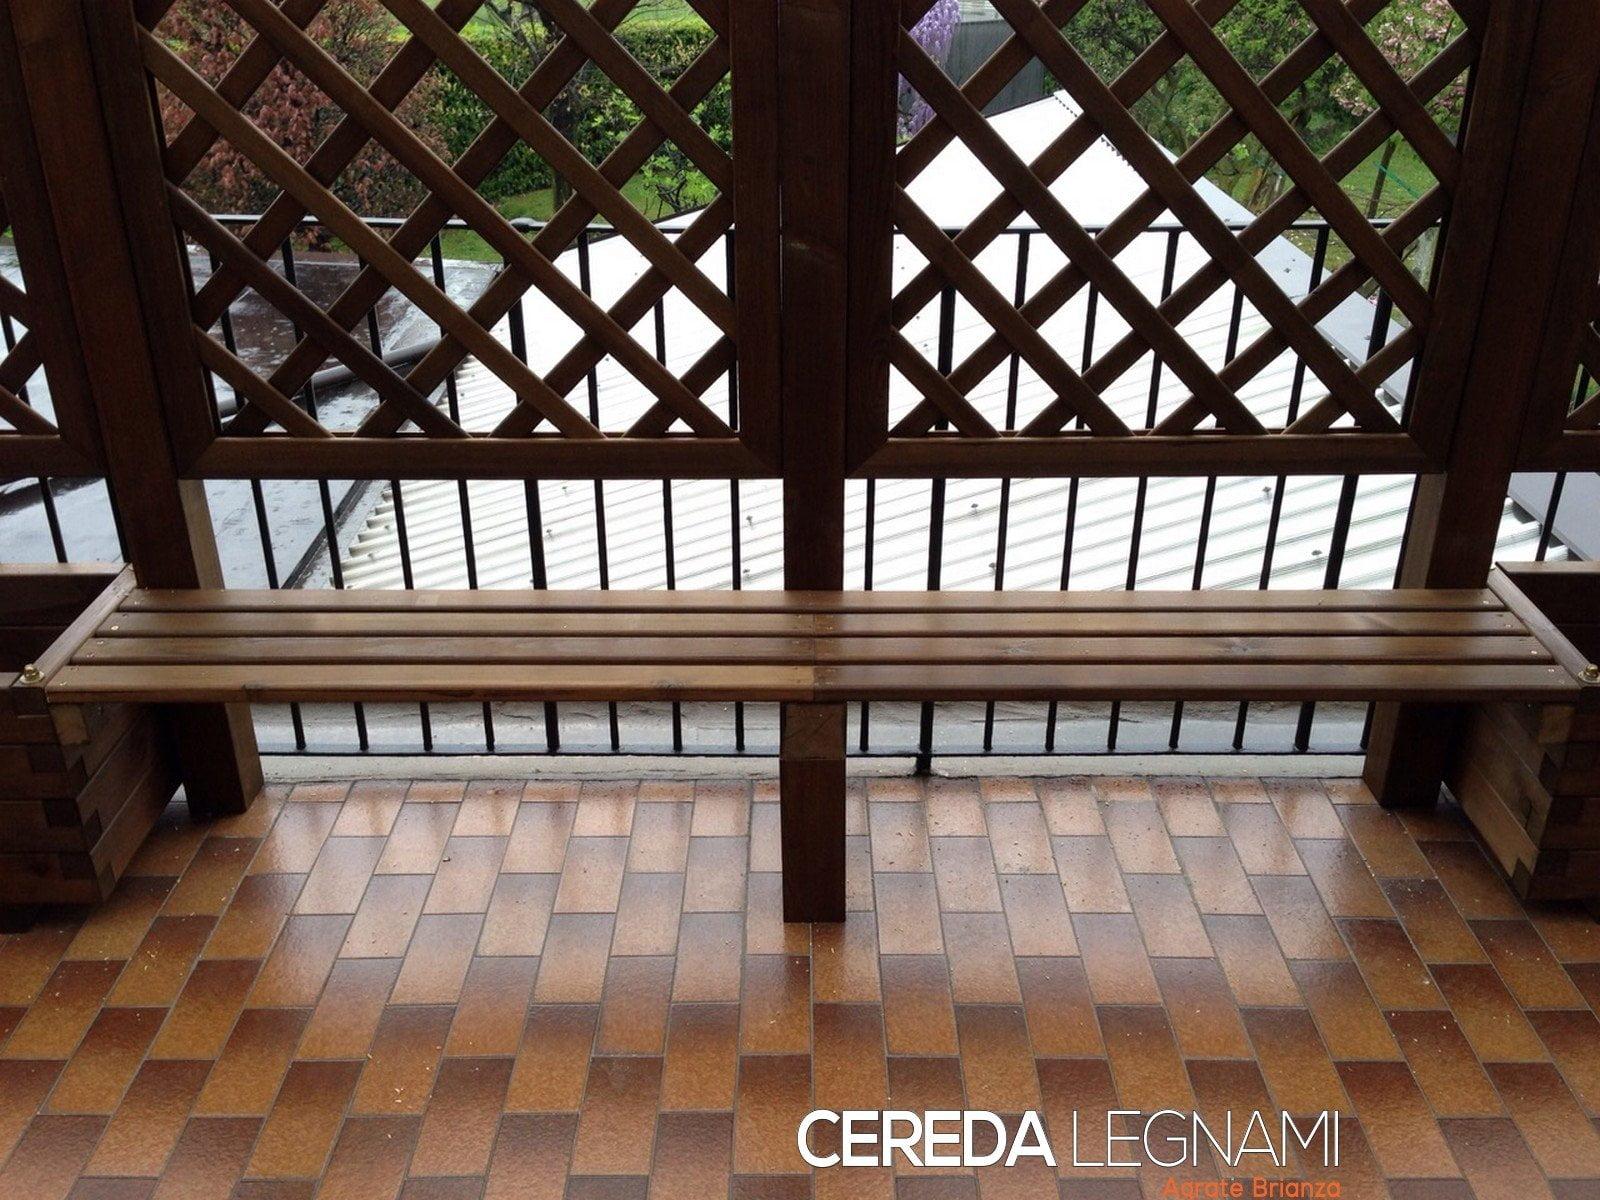 griglie per terrazzi - Cereda Legnami Agrate Brianza